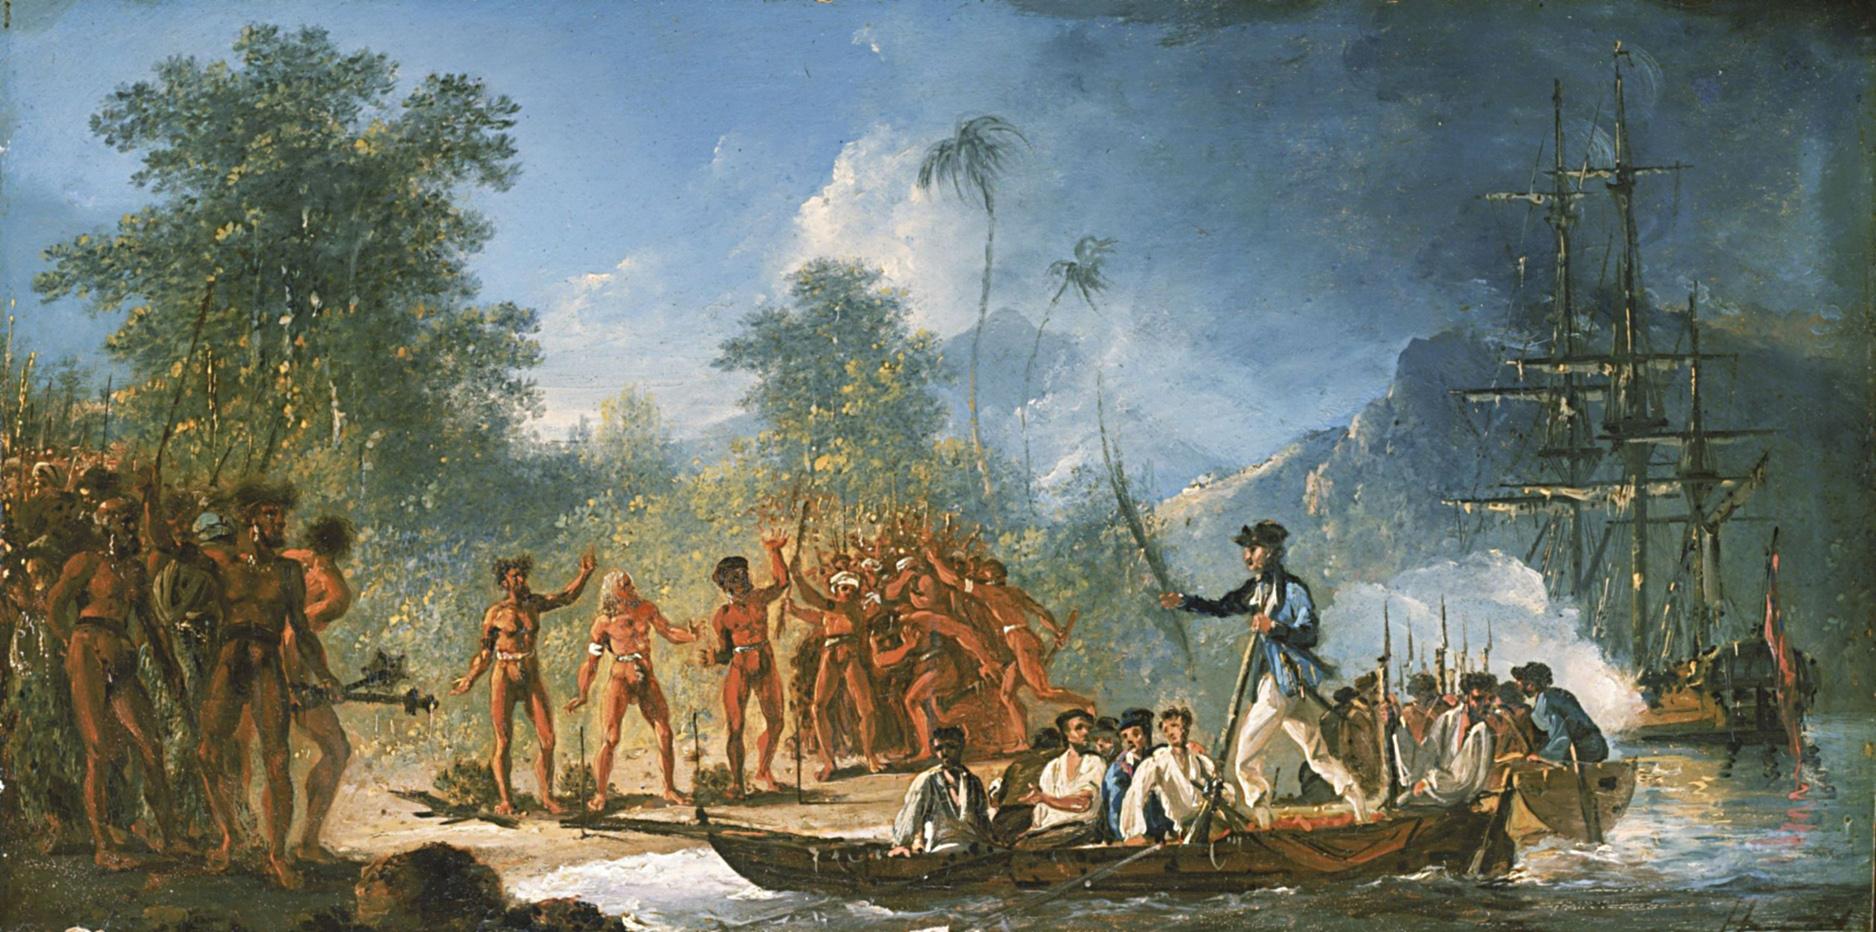 Cette peinture de William Hodges représente le capitaine Cook et ses hommes abordant sur les côtes de l'île de Tanna. L'accueil ne fut pas hostile, mais les Britanniques ne purent jamais monter sur le volcan qui était alors sacré et tabu.